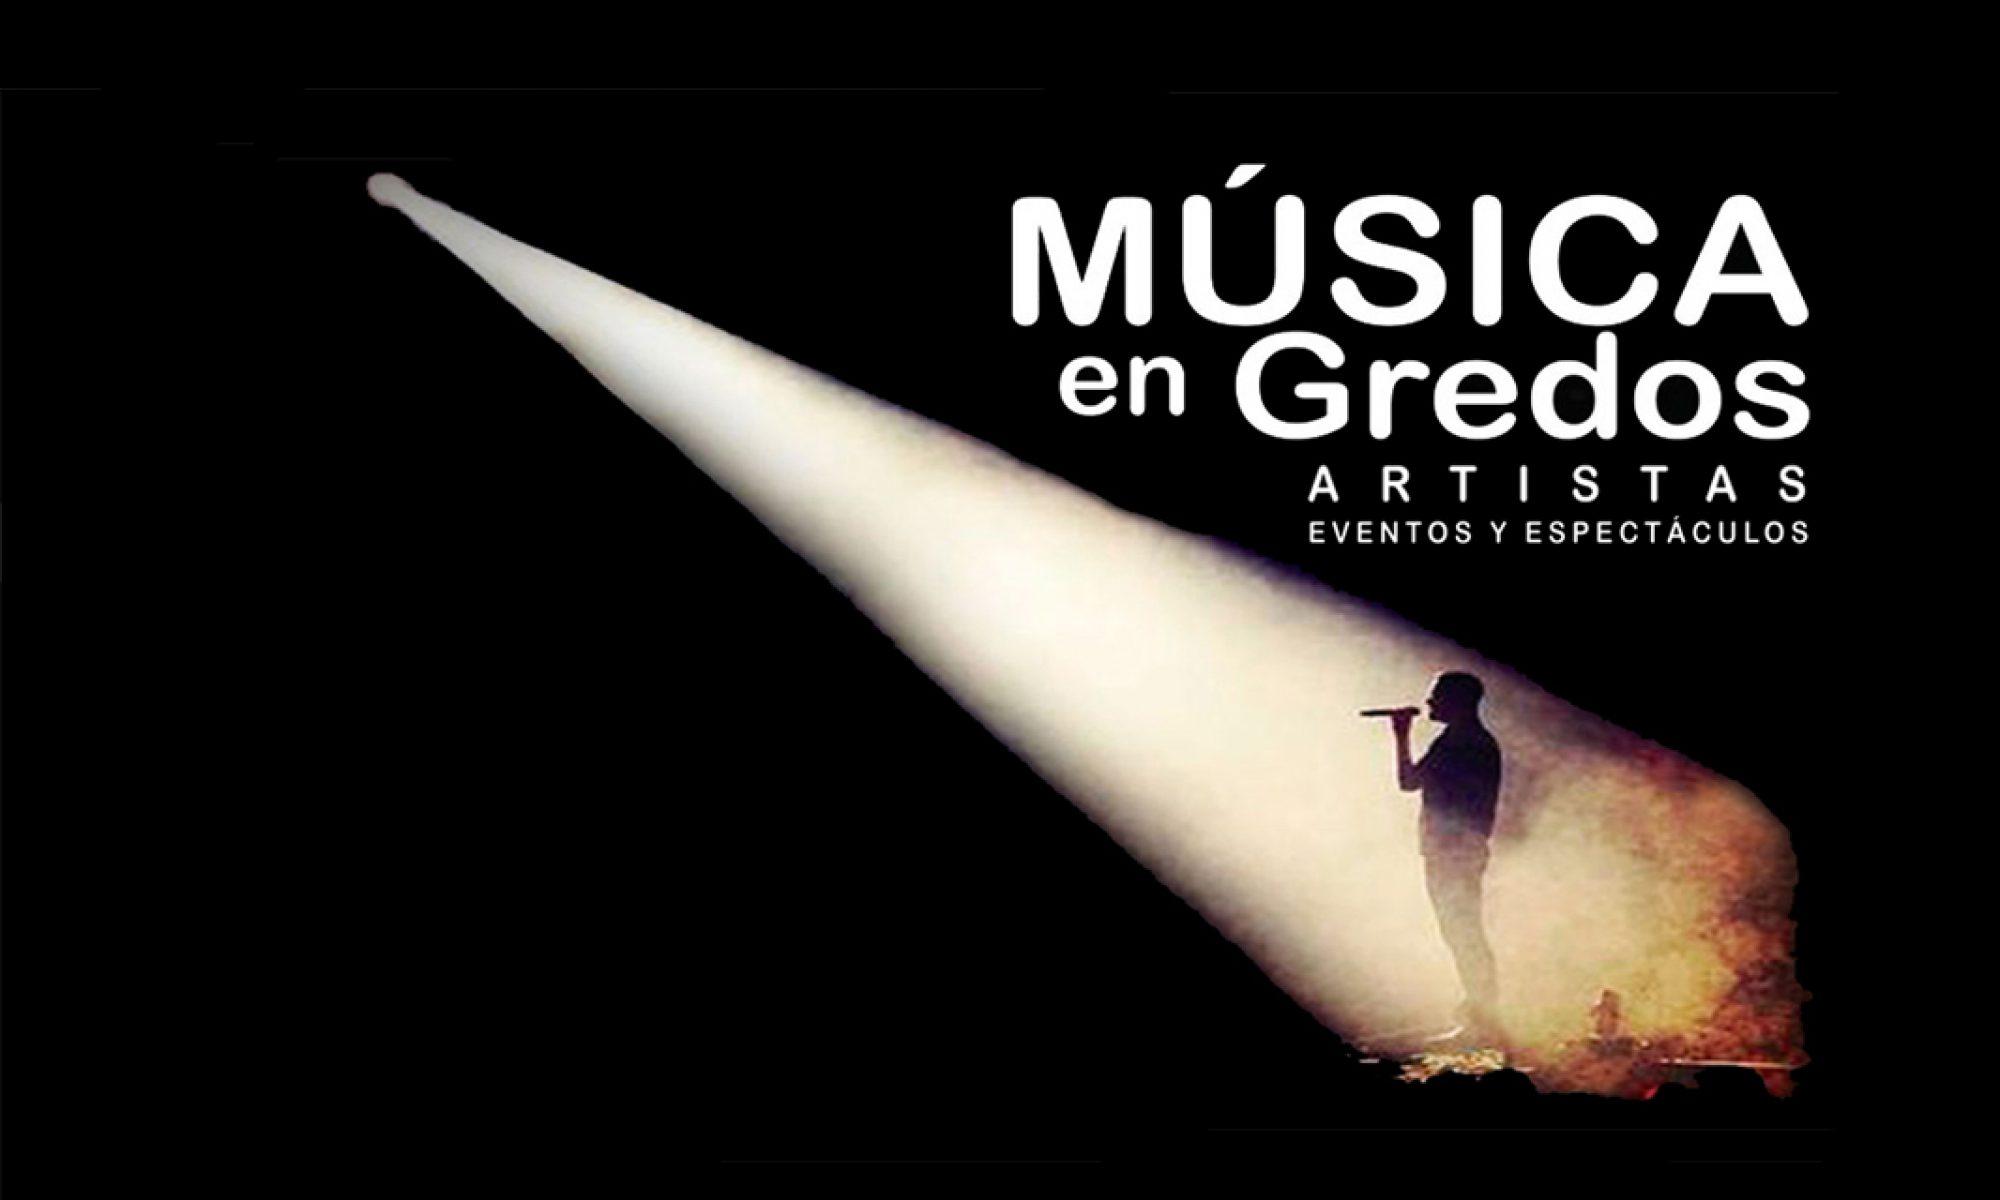 Musica en Gredos